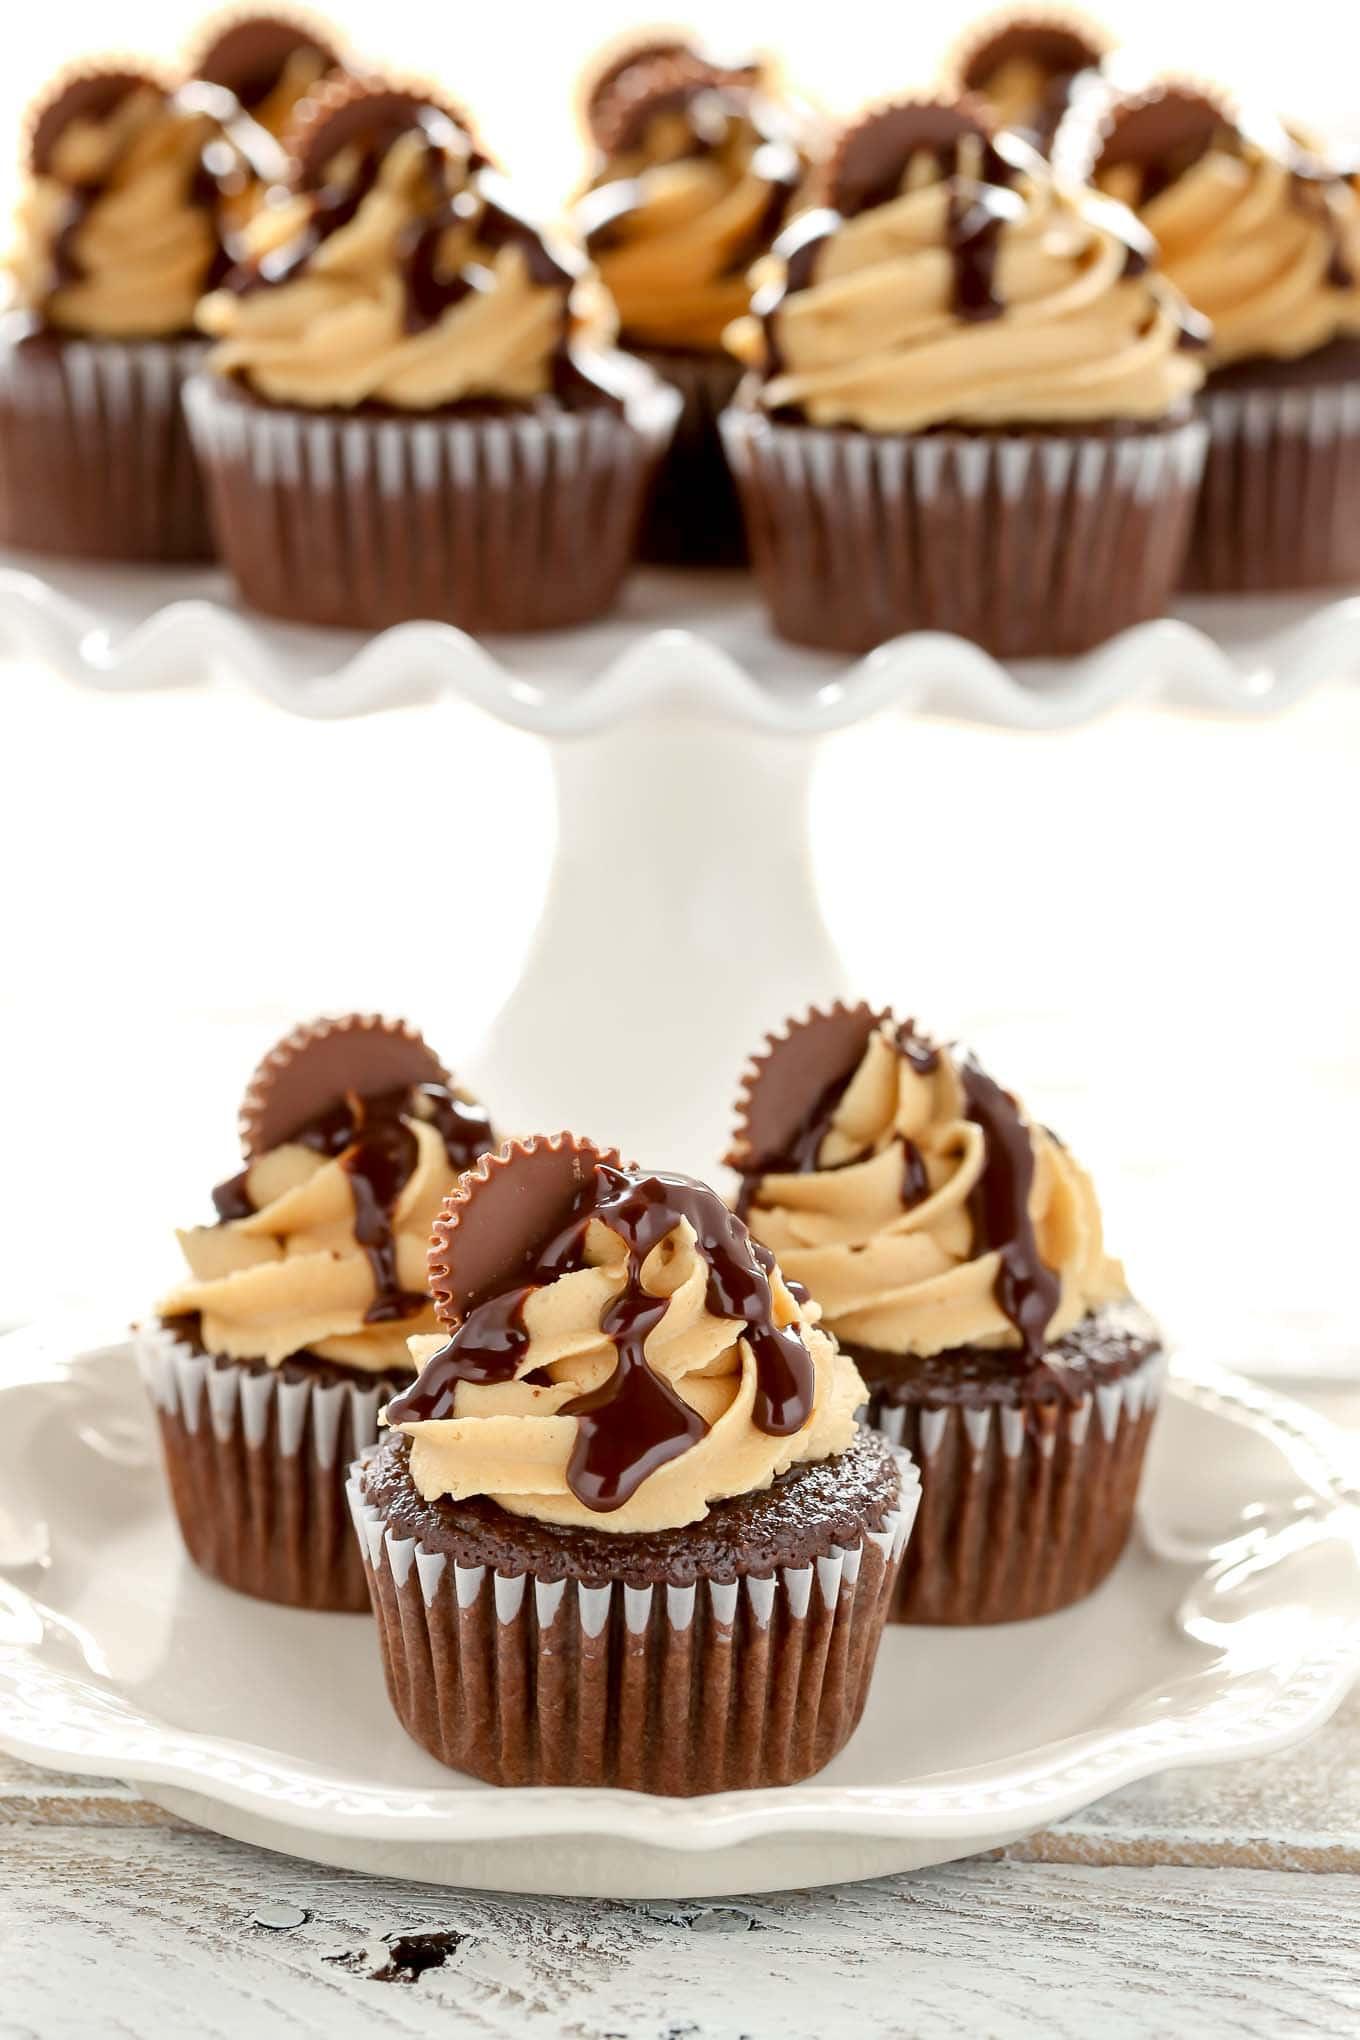 Moist chocolate cupcakes with peanut butter frosting, chocolate ganache, and peanut butter cups. These cupcakes are the ultimate chocolate and peanut butter dessert!